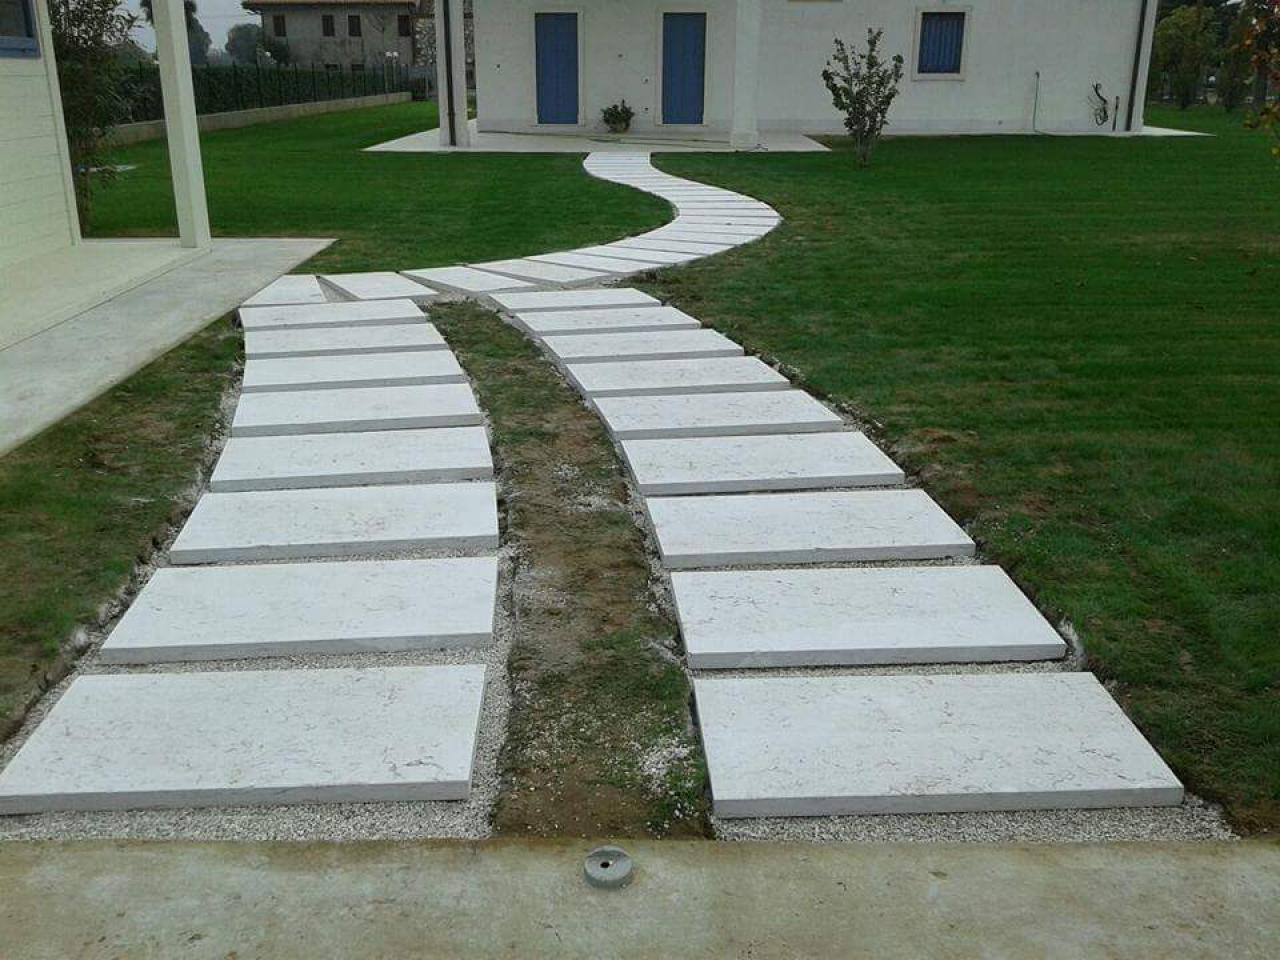 Pietra lessinia o prun vialetto in giardino realizzato da - Pavimentazione giardino senza cemento ...